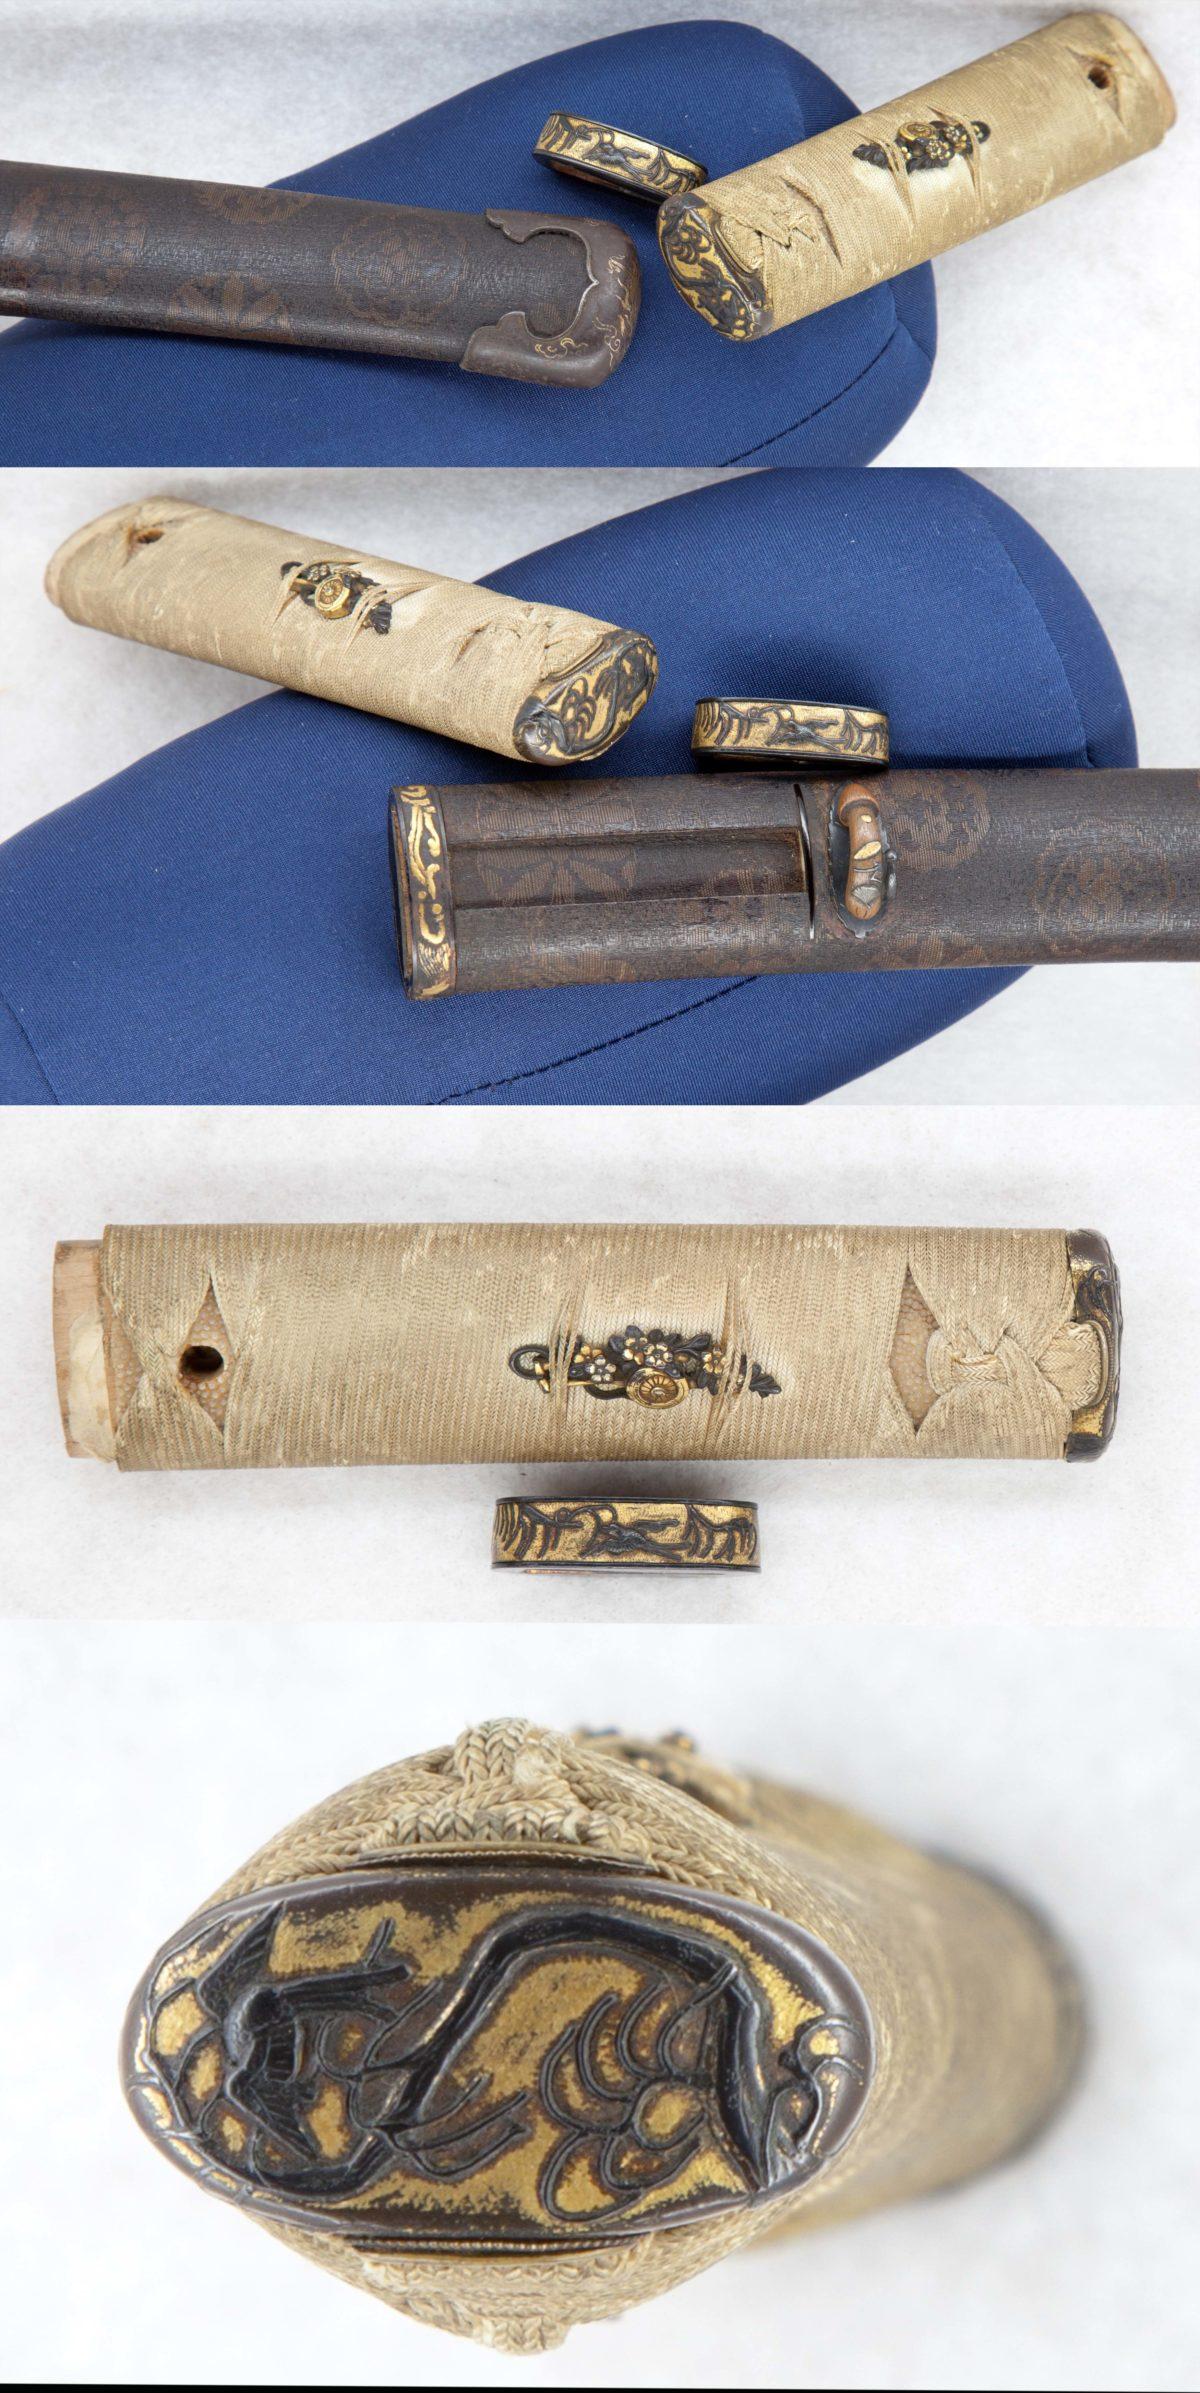 素晴らしい刀装具の数々。藩主の脇差しか。